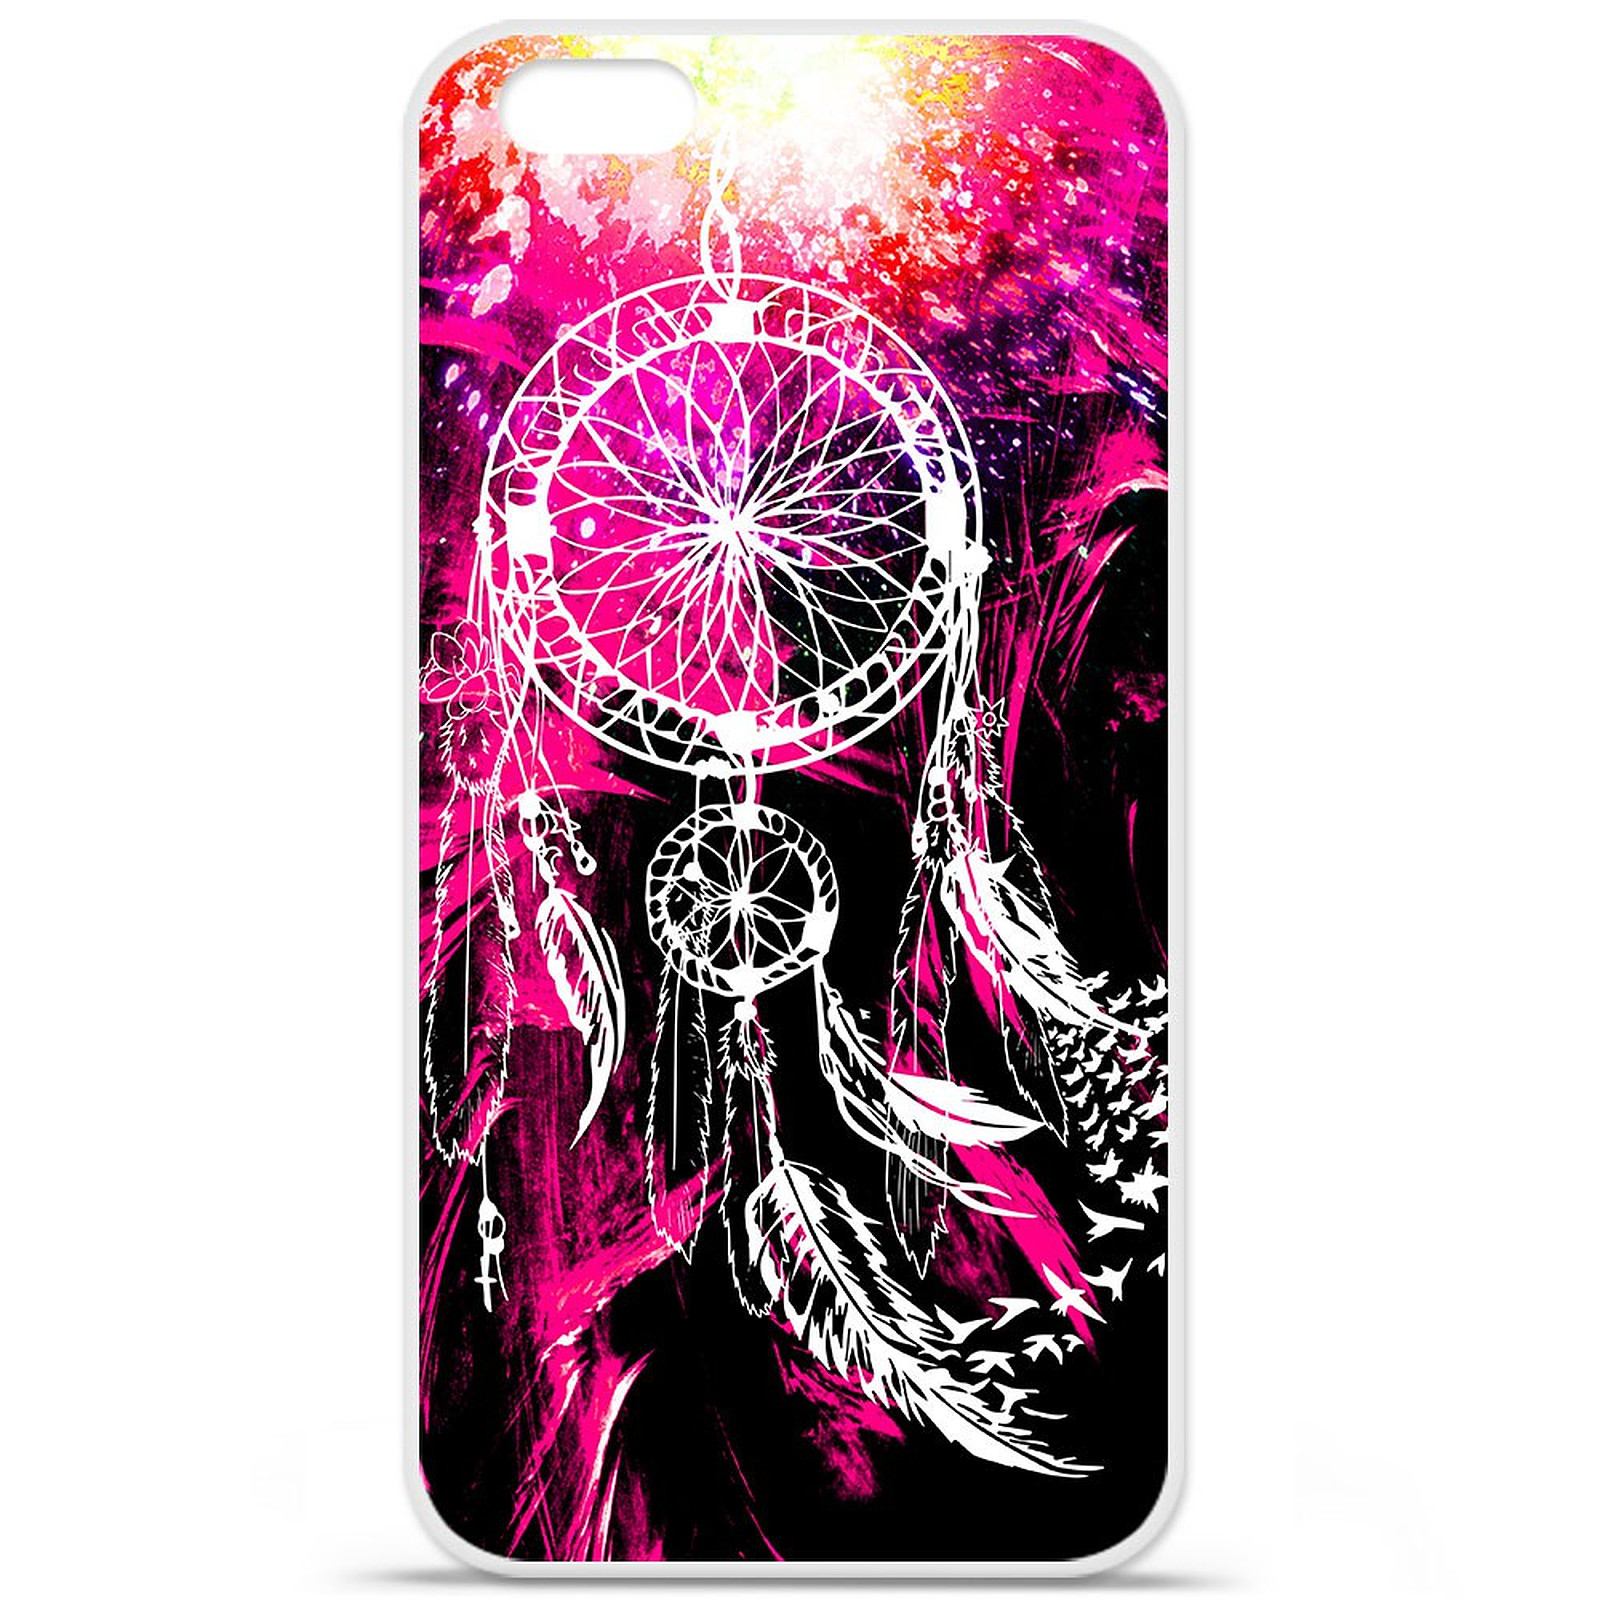 1001 Coques Coque silicone gel Apple IPhone 7 Plus motif Dreamcatcher Rose